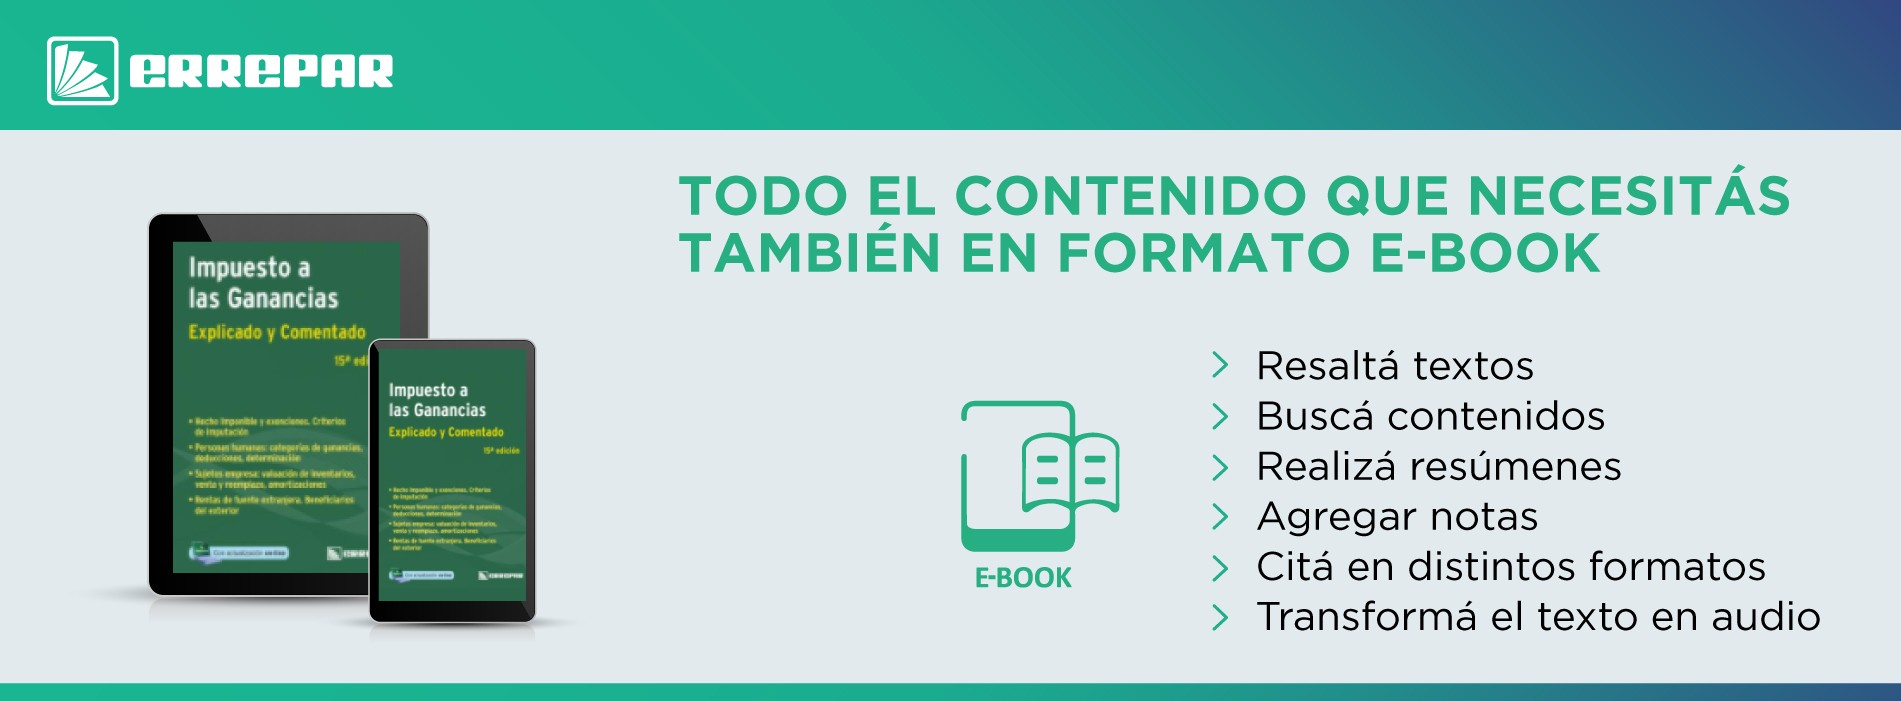 ¡E-BOOKS!